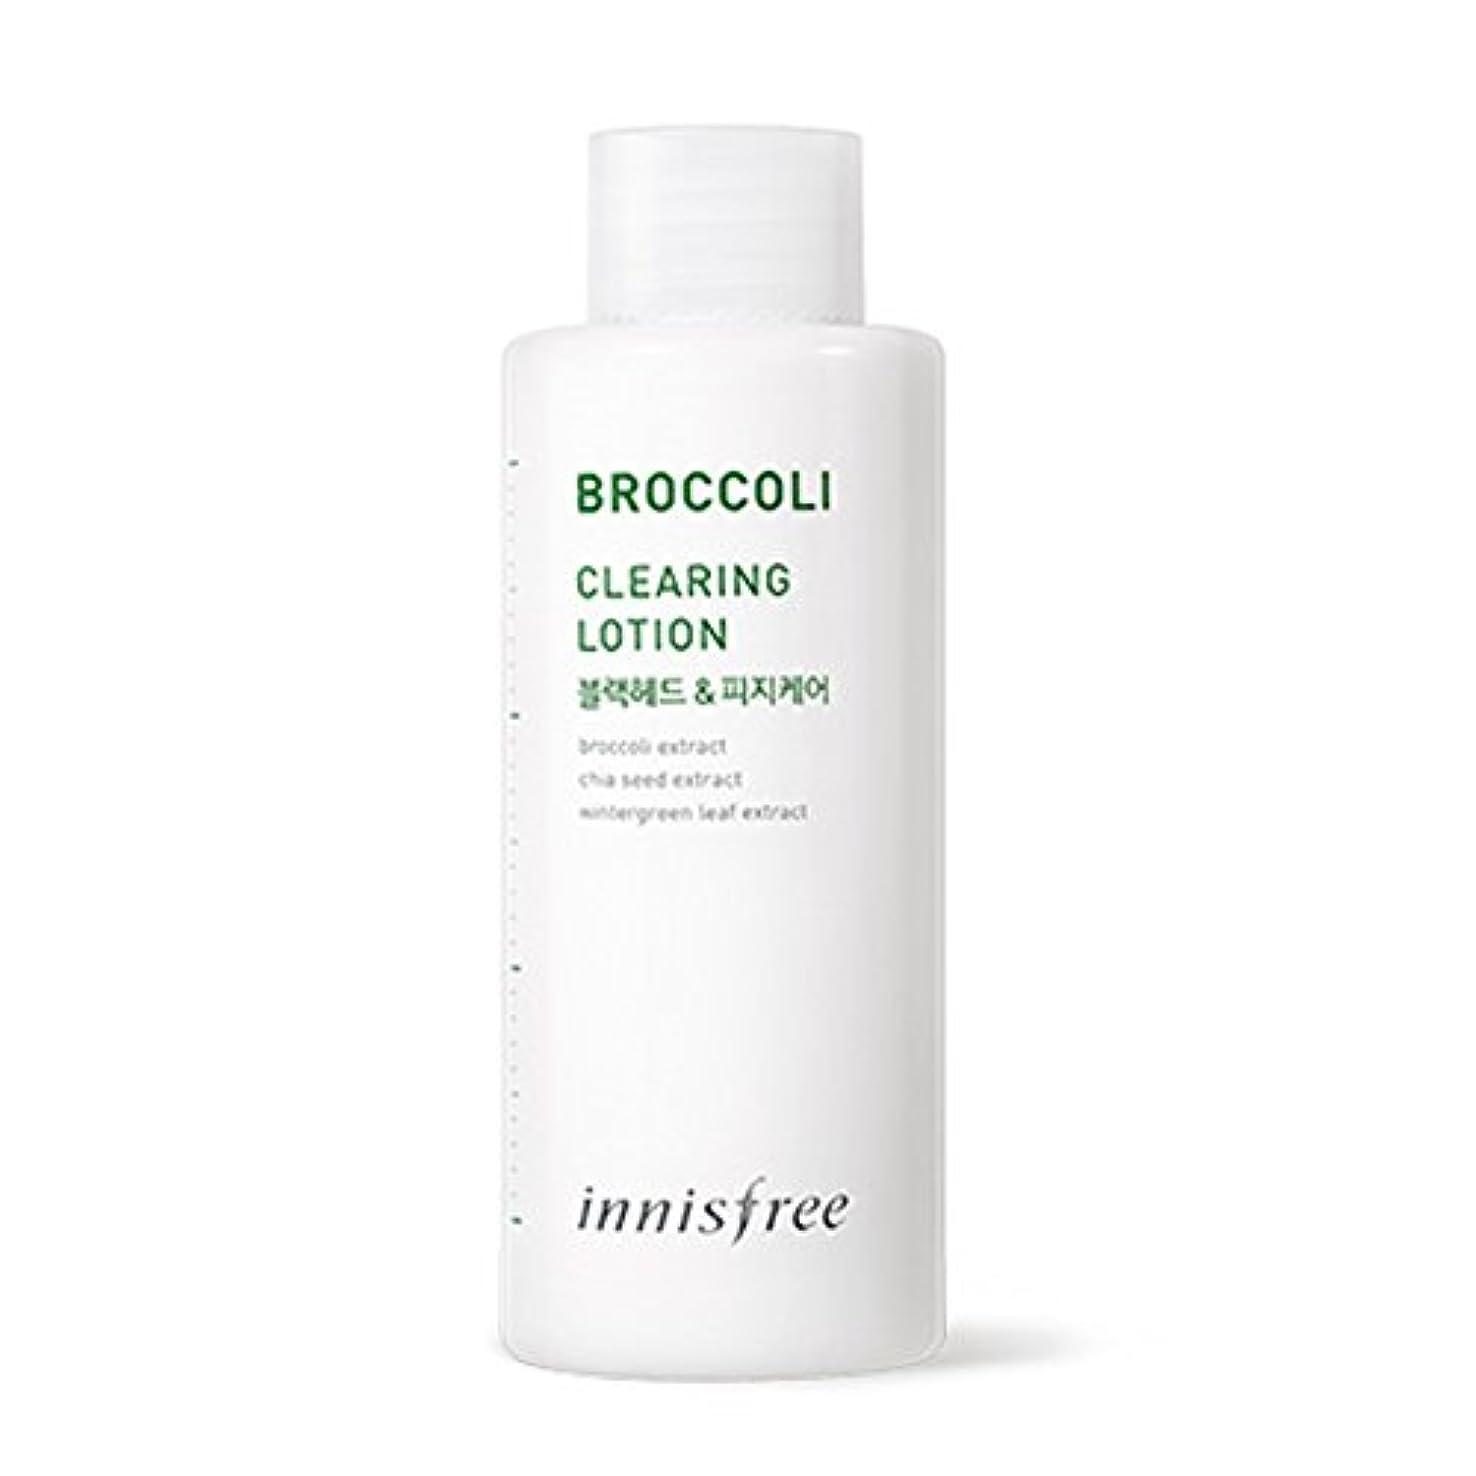 神経窓を洗うファームイニスフリーブロッコリークリアリングローション(エマルジョン)130ml Innisfree Broccoli Clearing Lotion(Emulsion) 130ml [海外直送品][並行輸入品]